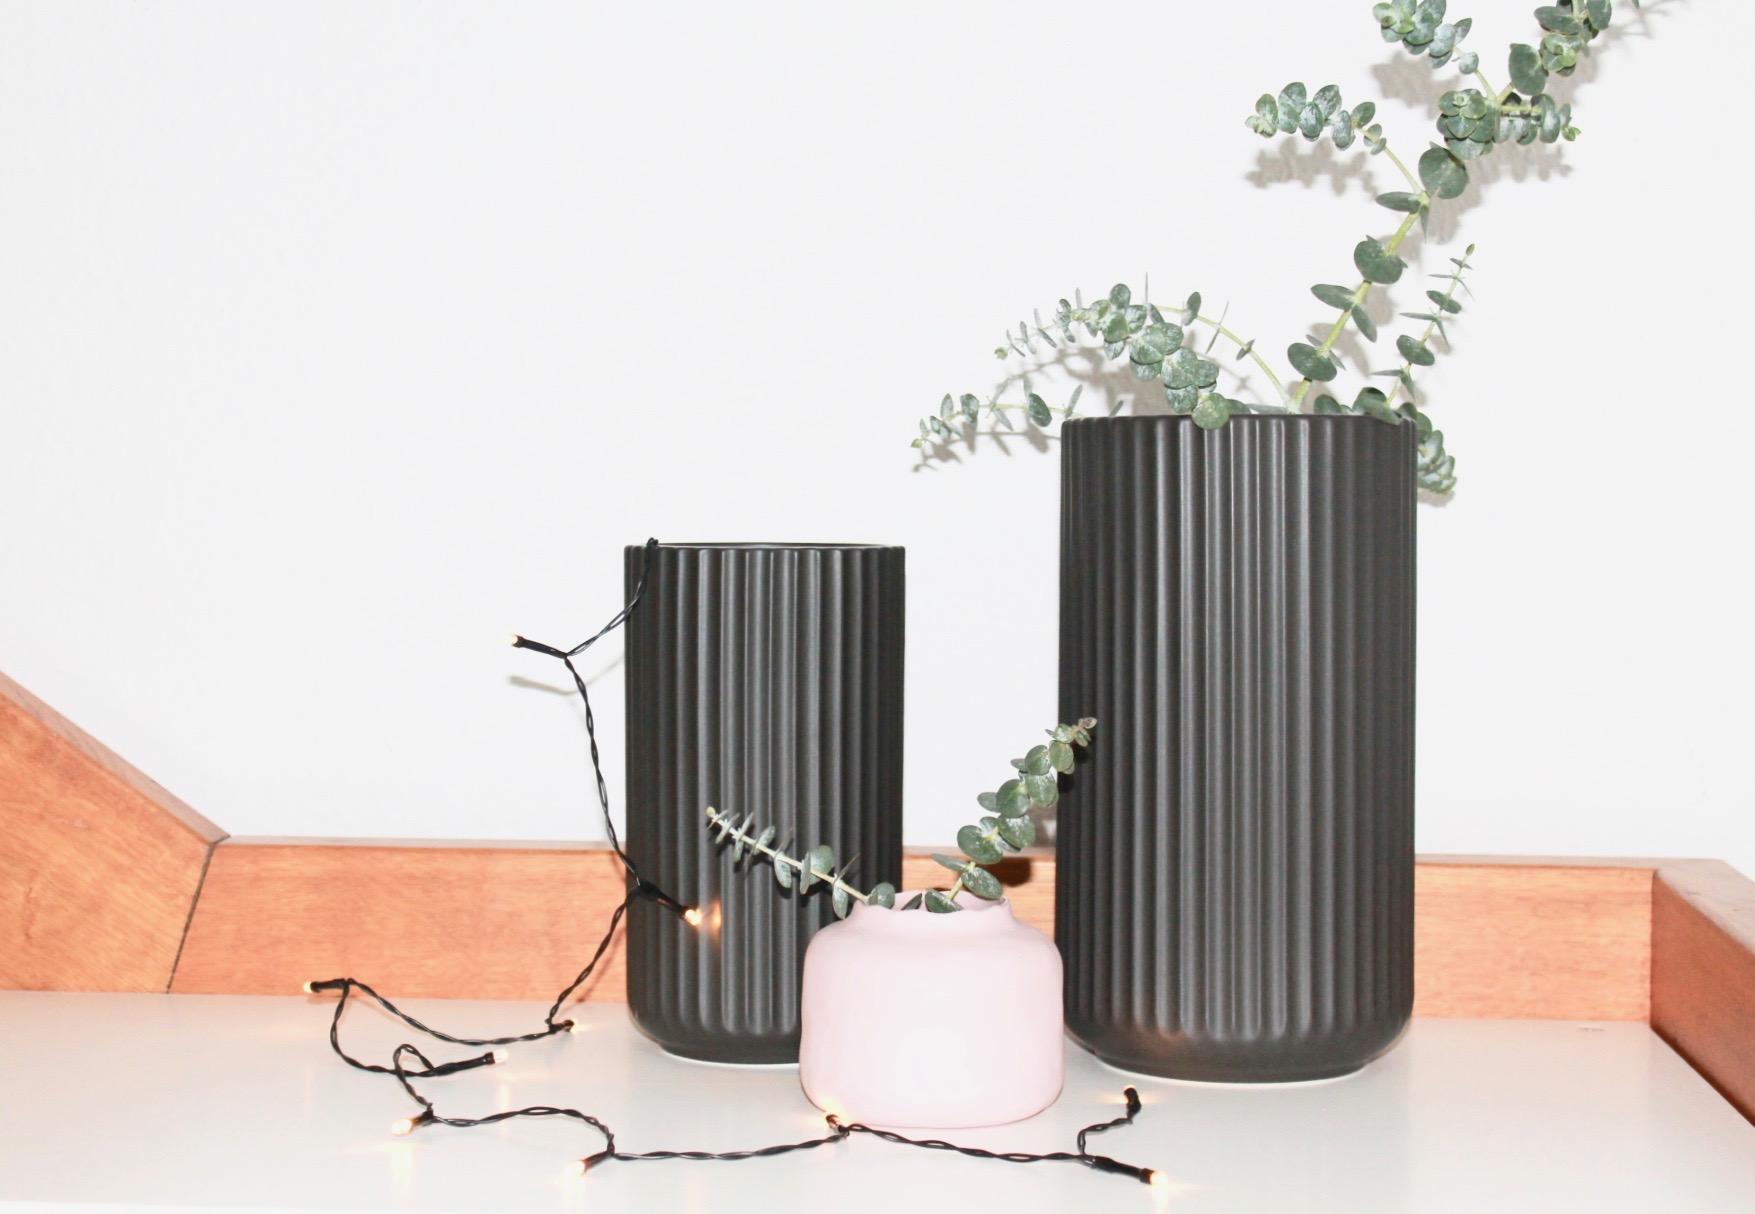 Neues Trio #regal #wohnzimmer #vase #treppenhaus ©www.koenigskram.de